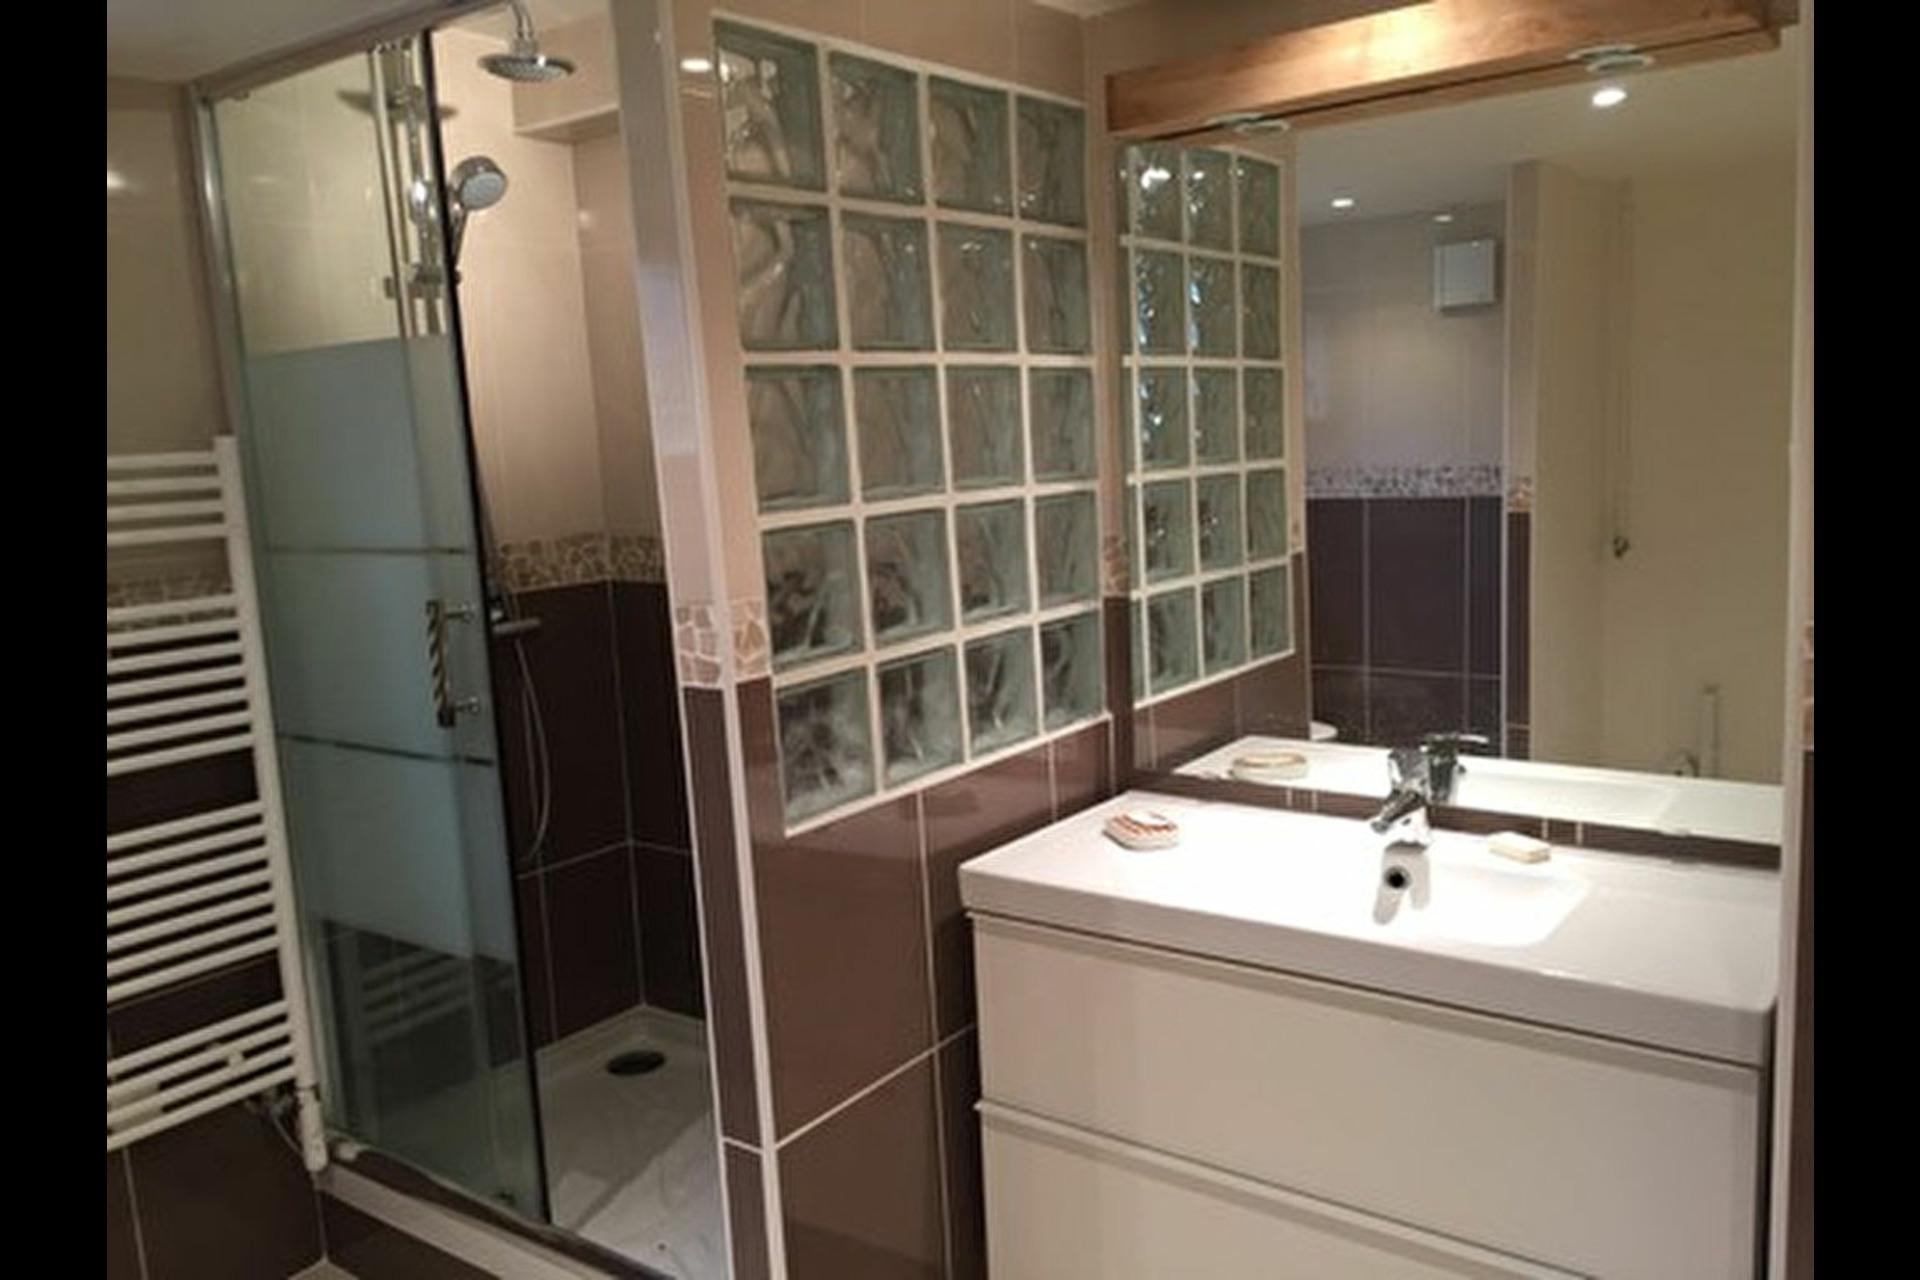 image 6 - Townhouse For rent saint nom la breteche - 5 rooms